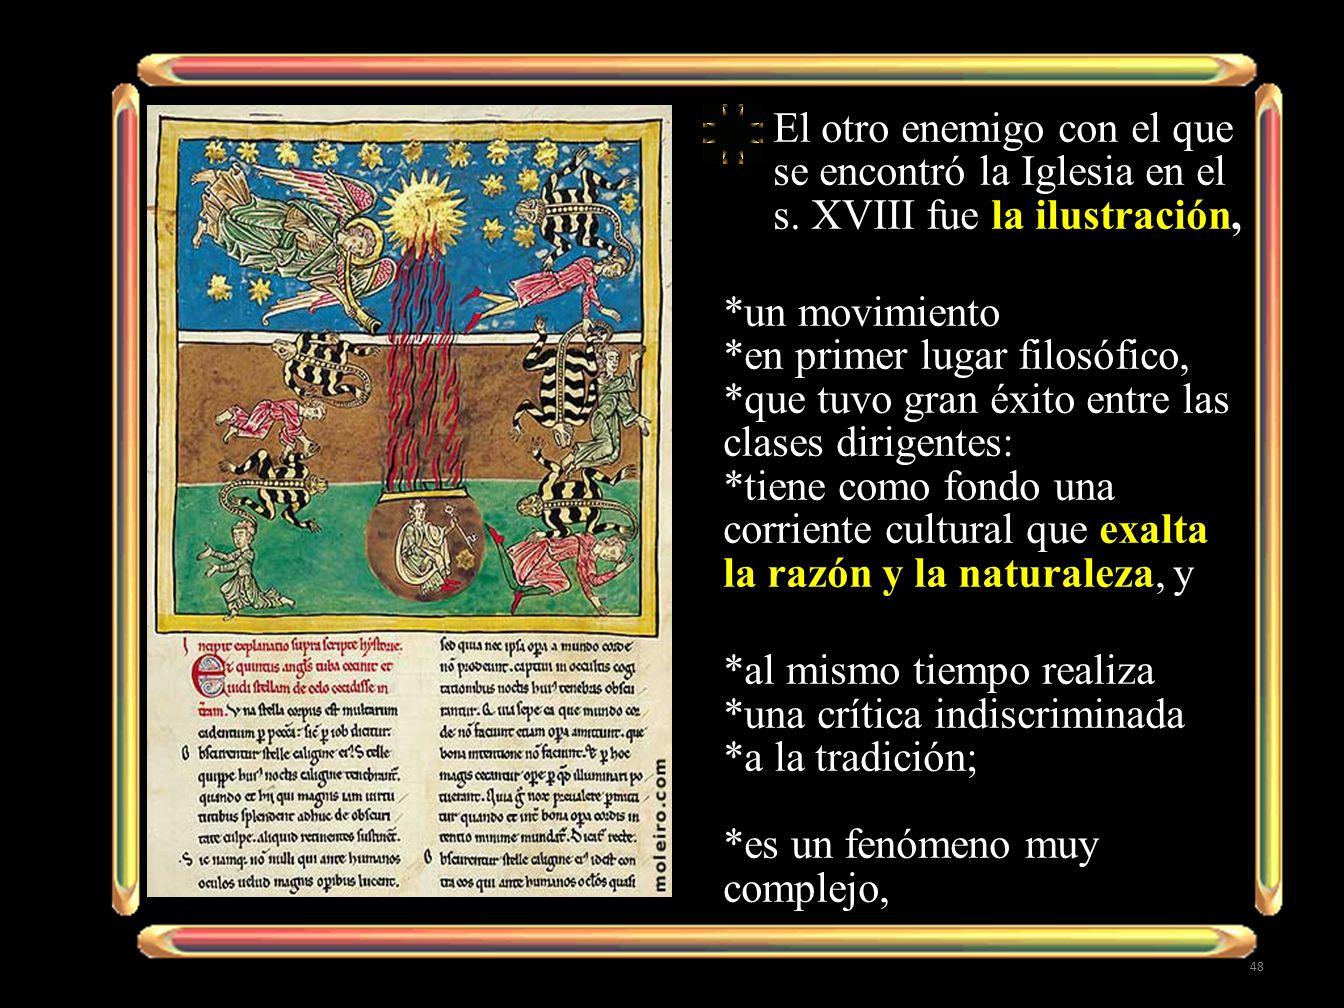 El otro enemigo con el que se encontró la Iglesia en el s. XVIII fue la ilustración, *un movimiento *en primer lugar filosófico, *que tuvo gran éxito